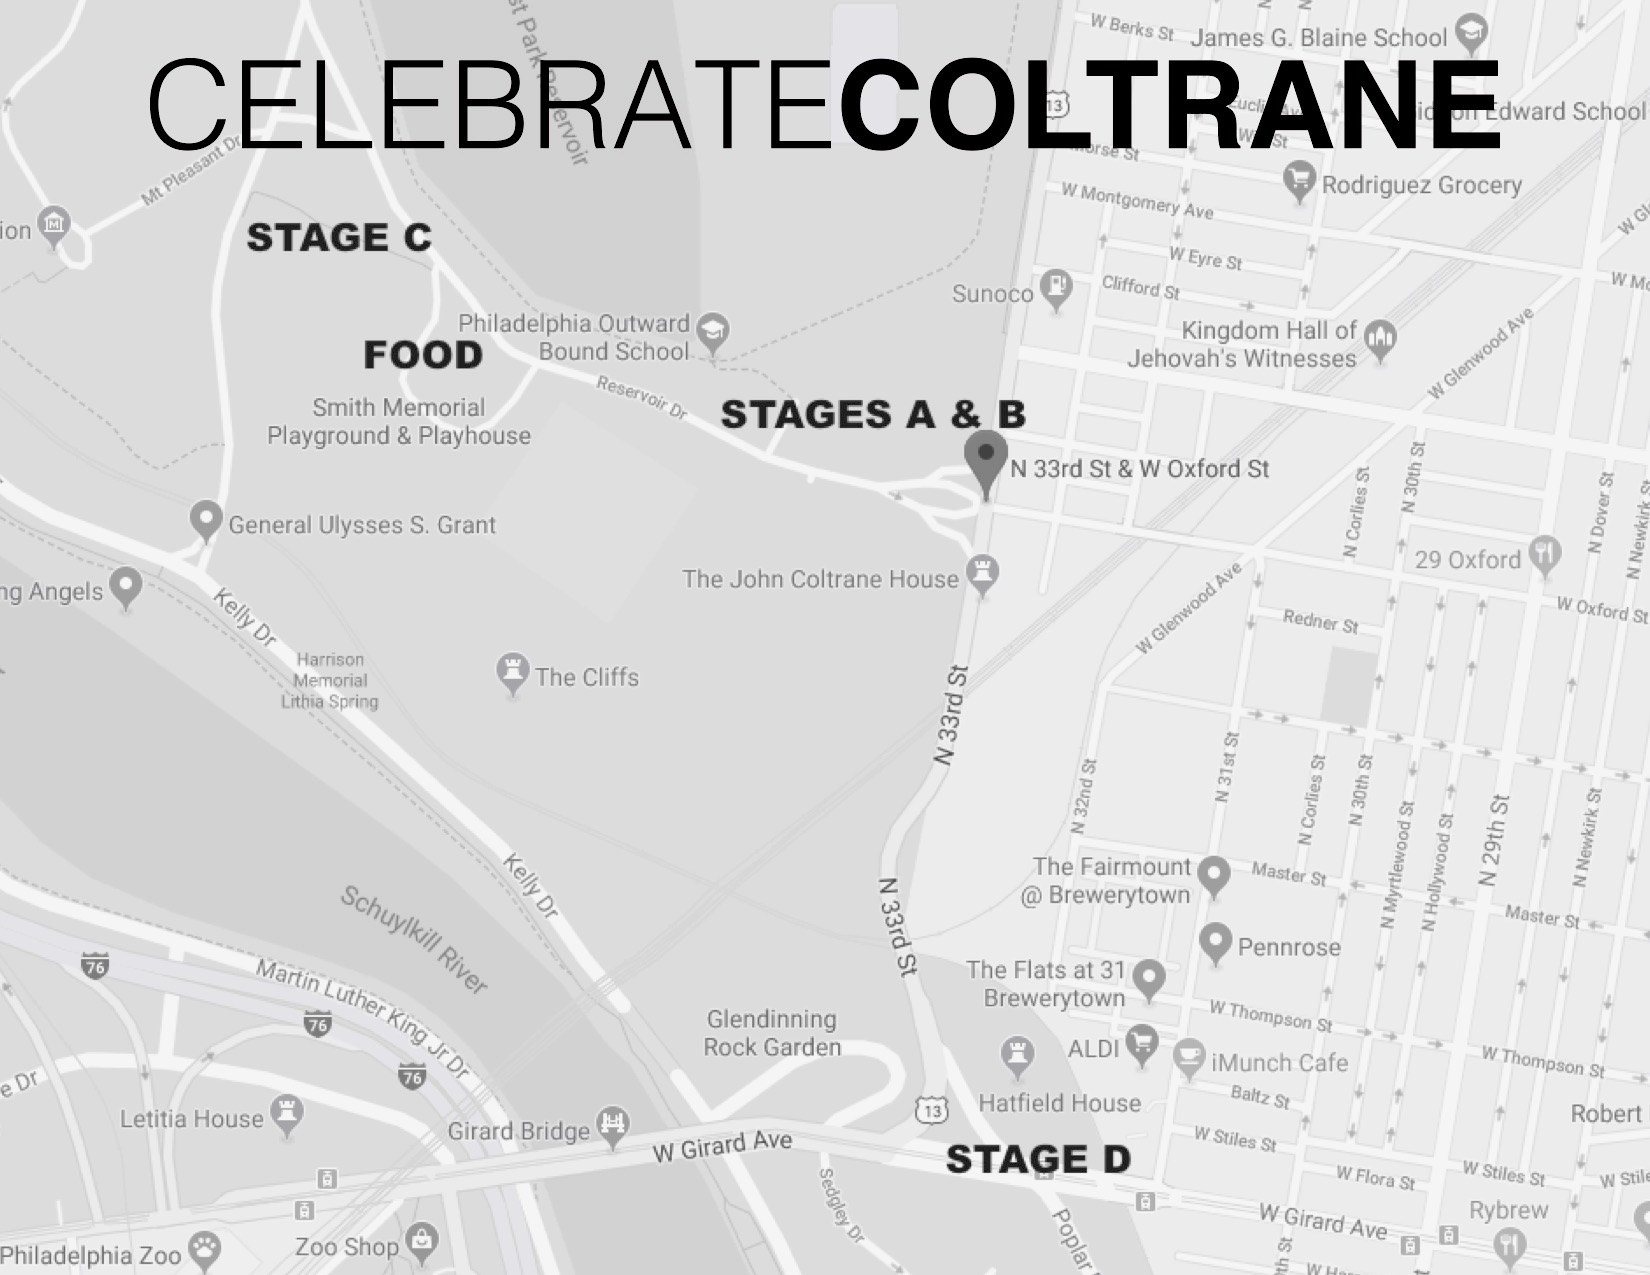 Celebrate Coltrane 2019 Map